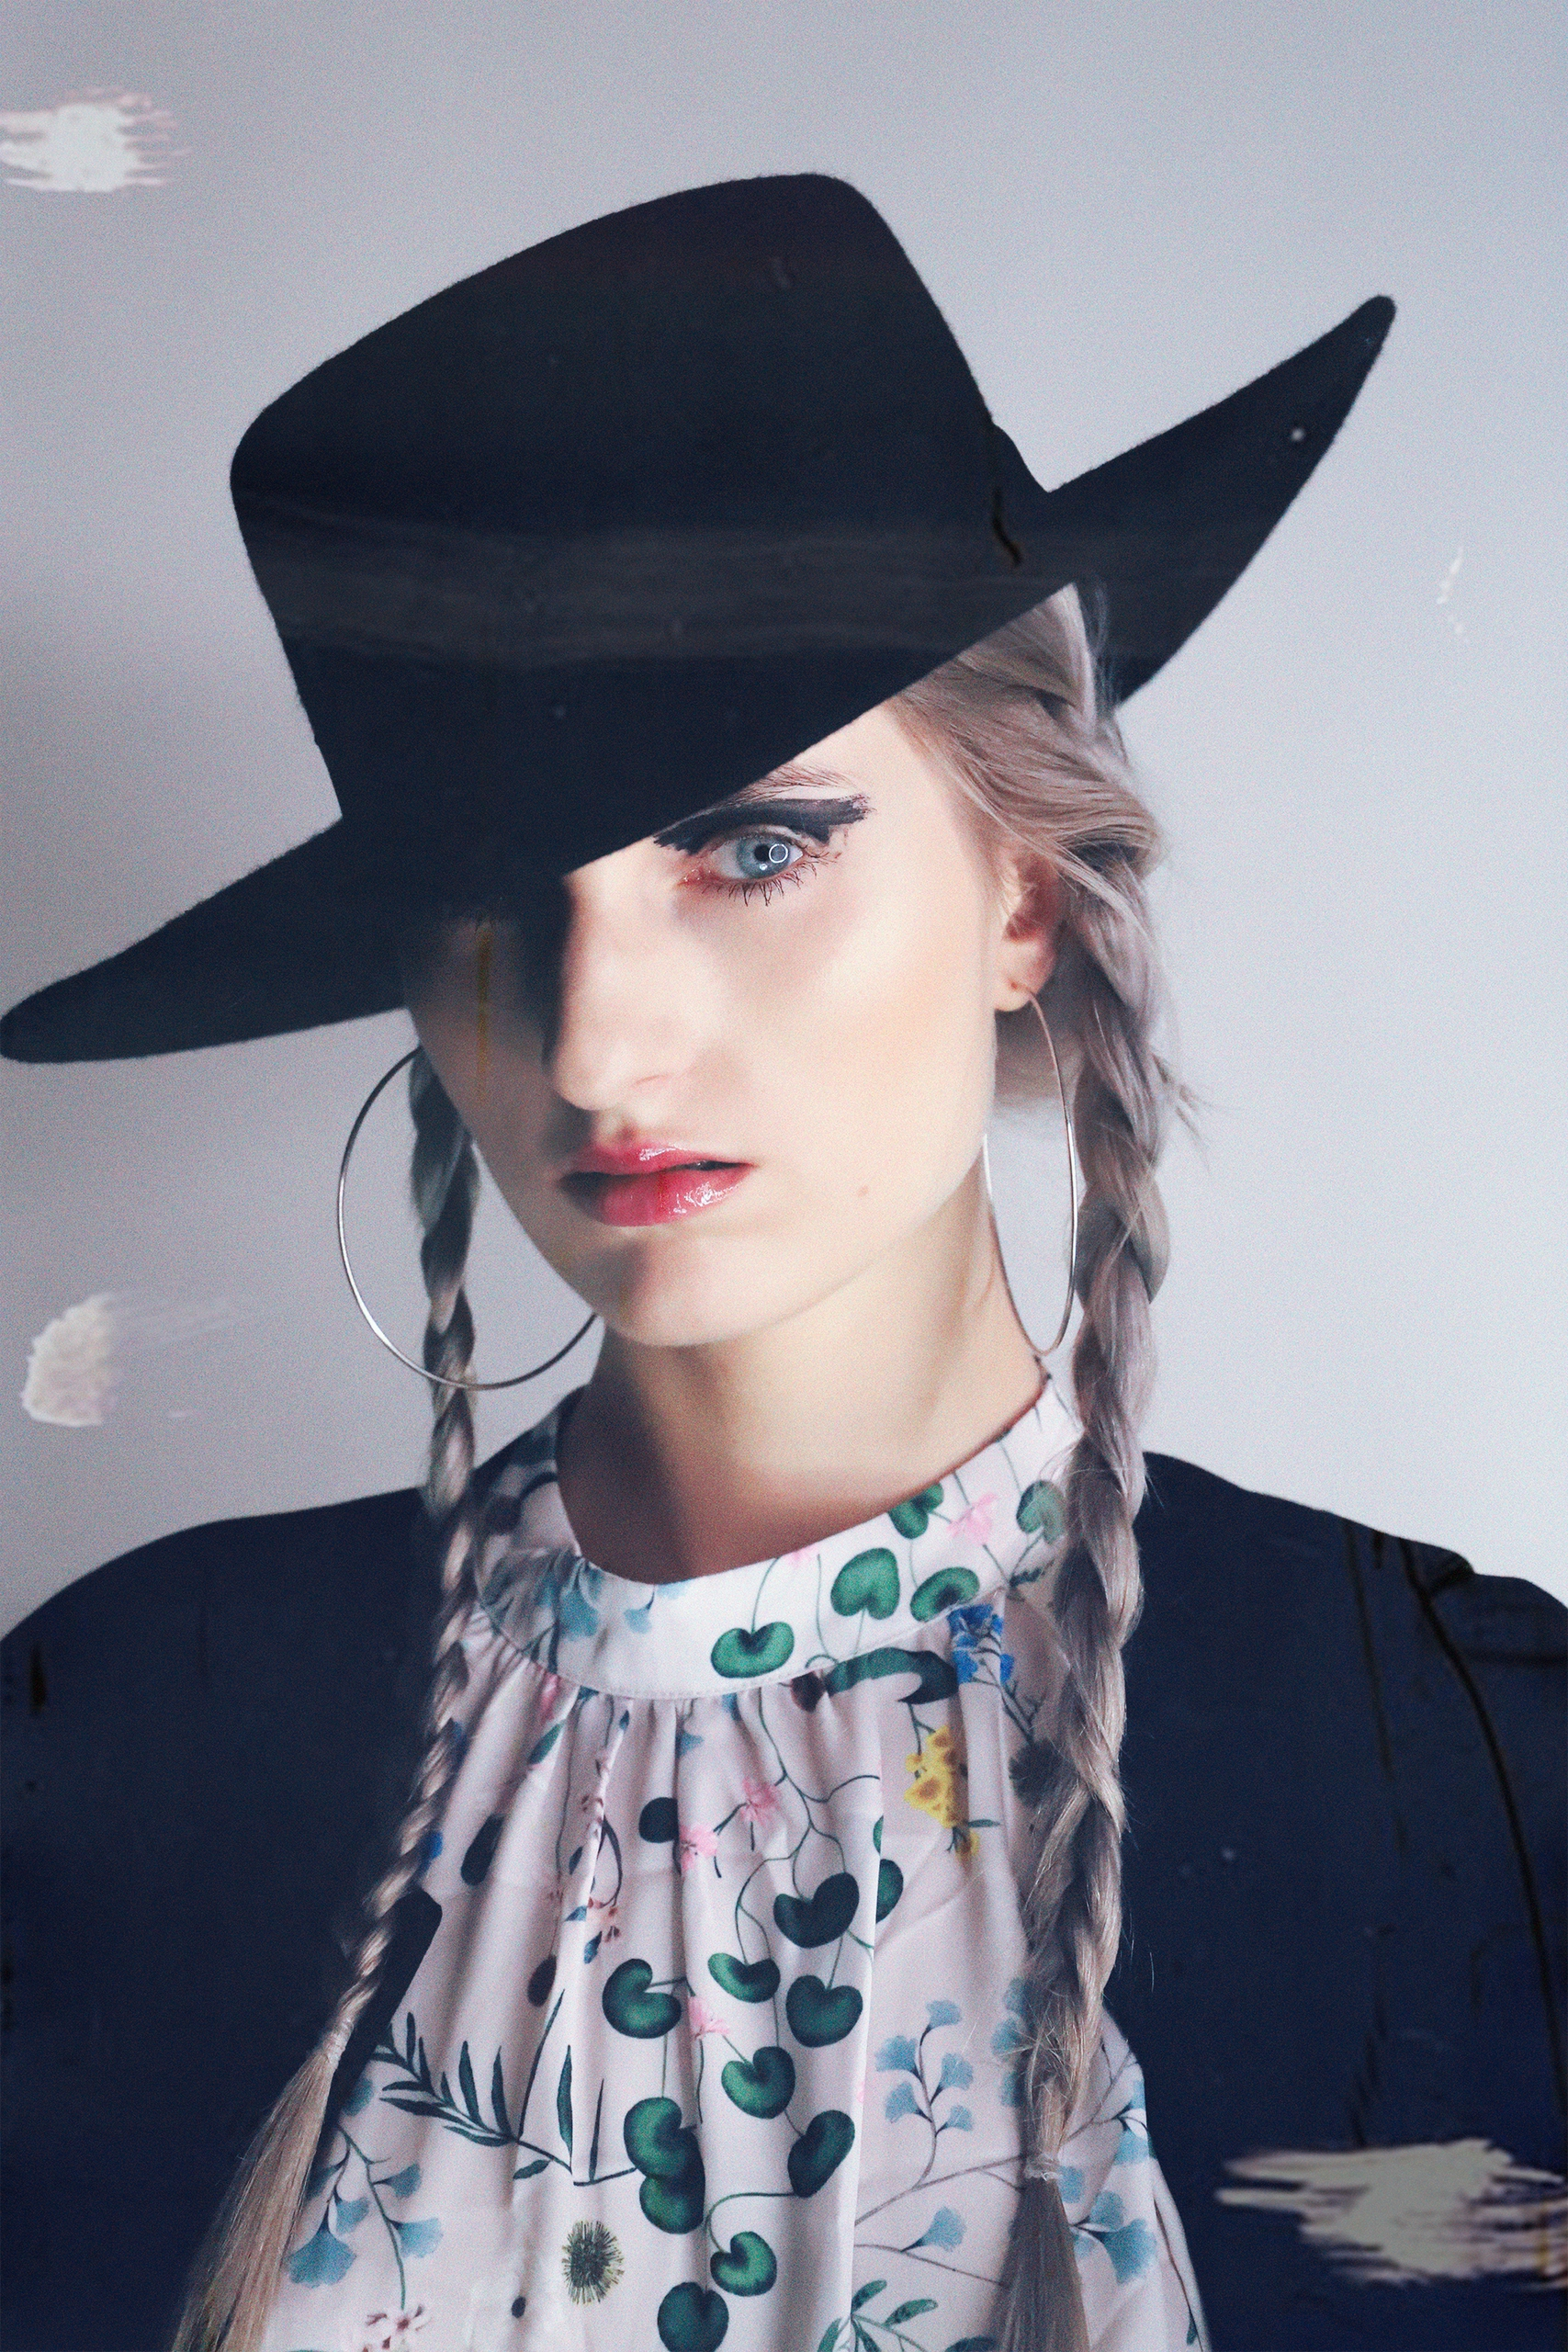 Zdjęcie przedstawia portret kobiety w czarnym kapeluszu.